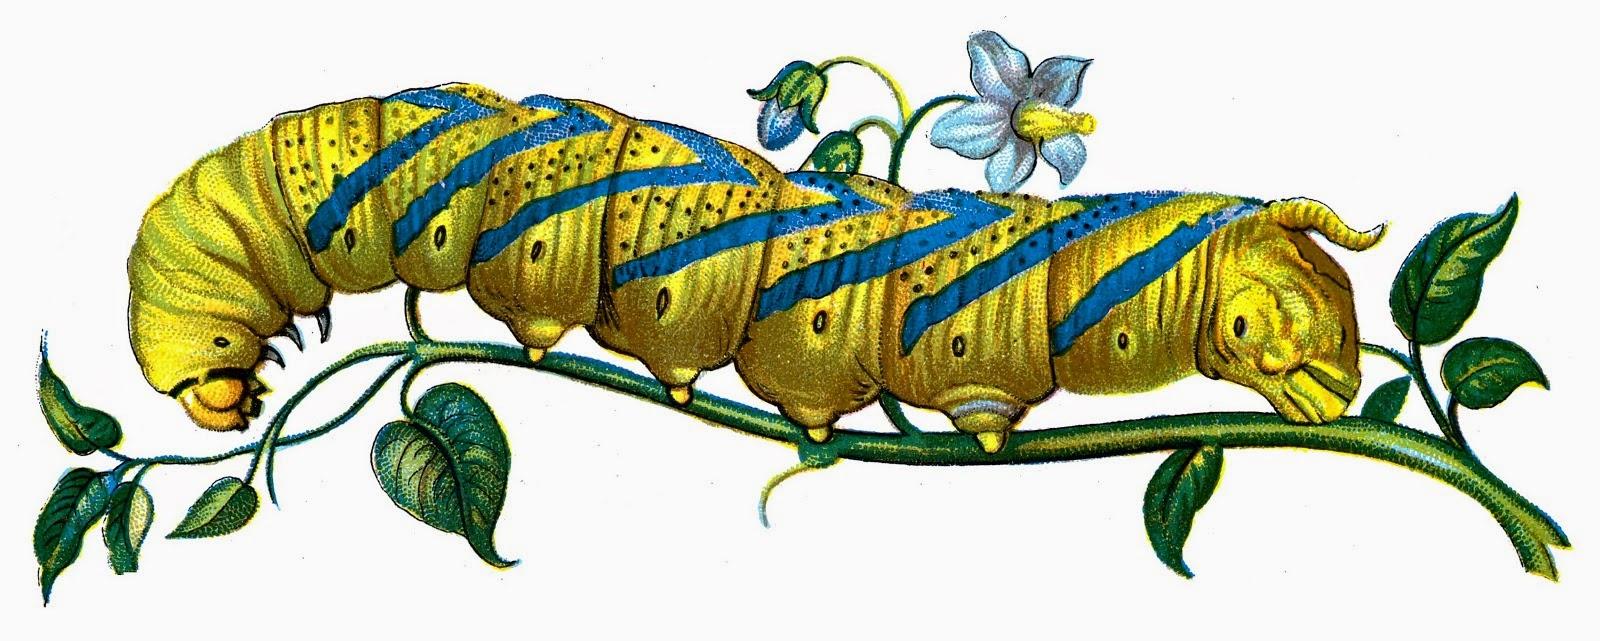 http://4.bp.blogspot.com/-2mojUJCGcQ0/VMxHbz83CVI/AAAAAAAA7UM/r0I_zMtOXmE/s1600/Old_Book_Art_Acherontia_atropos_caterpillar.jpg